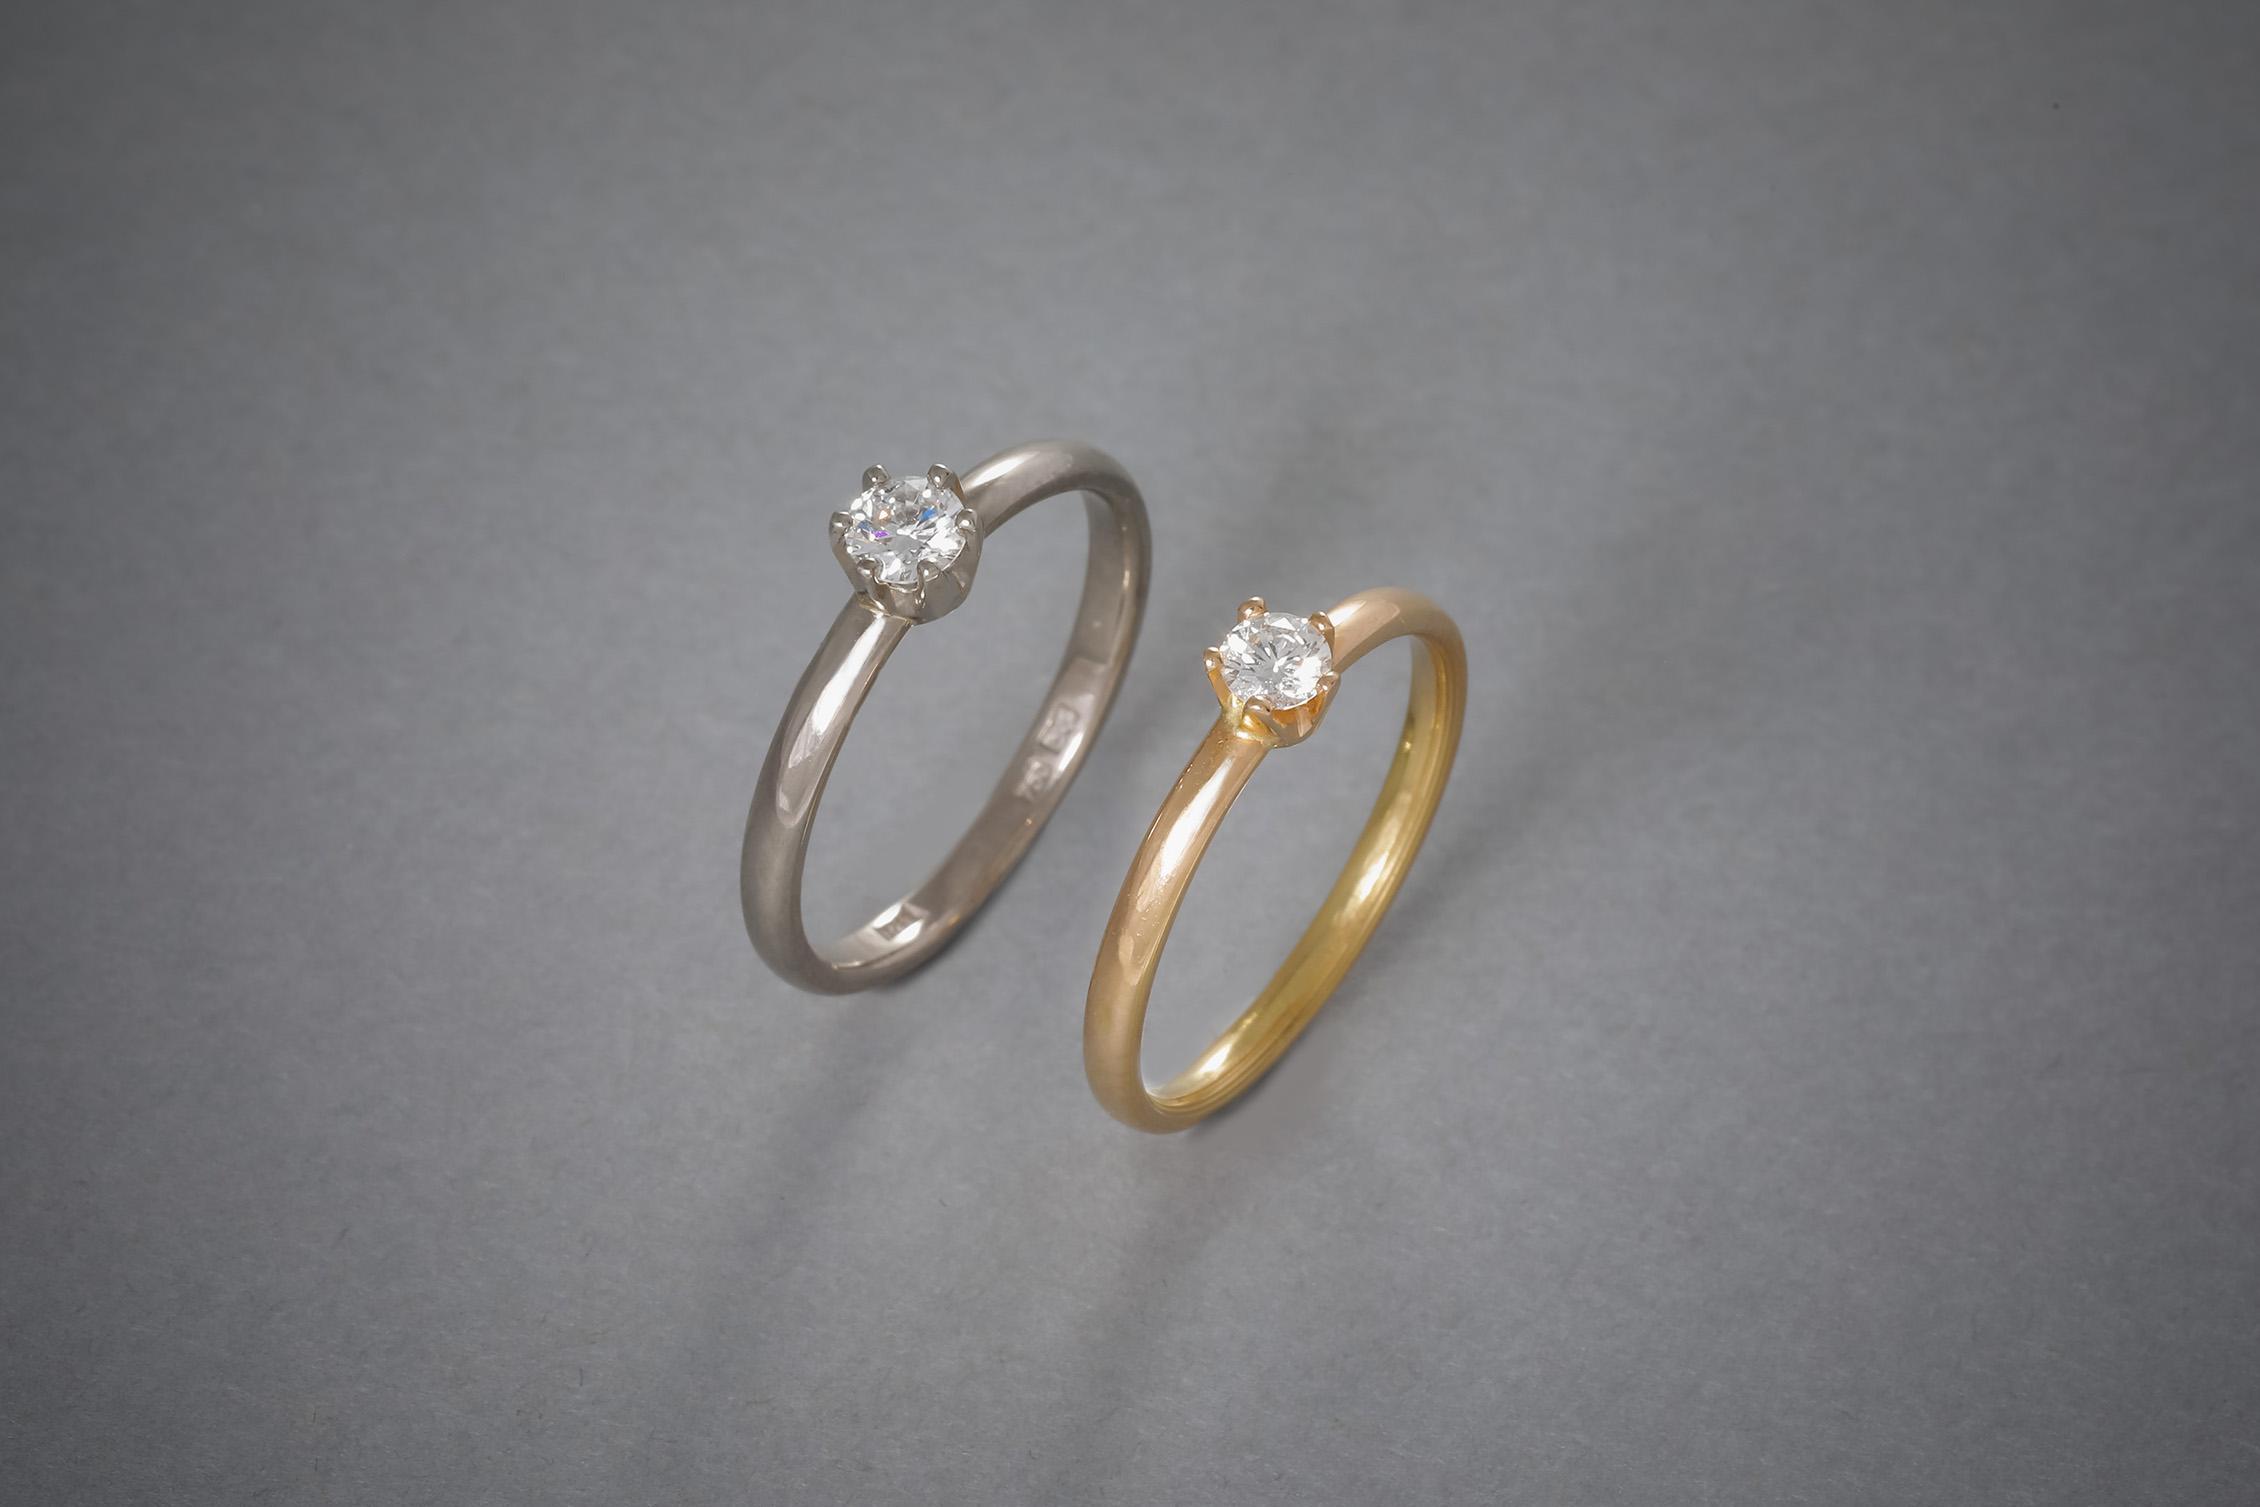 061 Verlobungsringe, Brillant, Kronenfassung, 18kt Weißgold, Preis auf Anfrage, 18kt Roségold, Preis auf Anfrage, auch in 18kt Gelbgold und Platin erhältlich